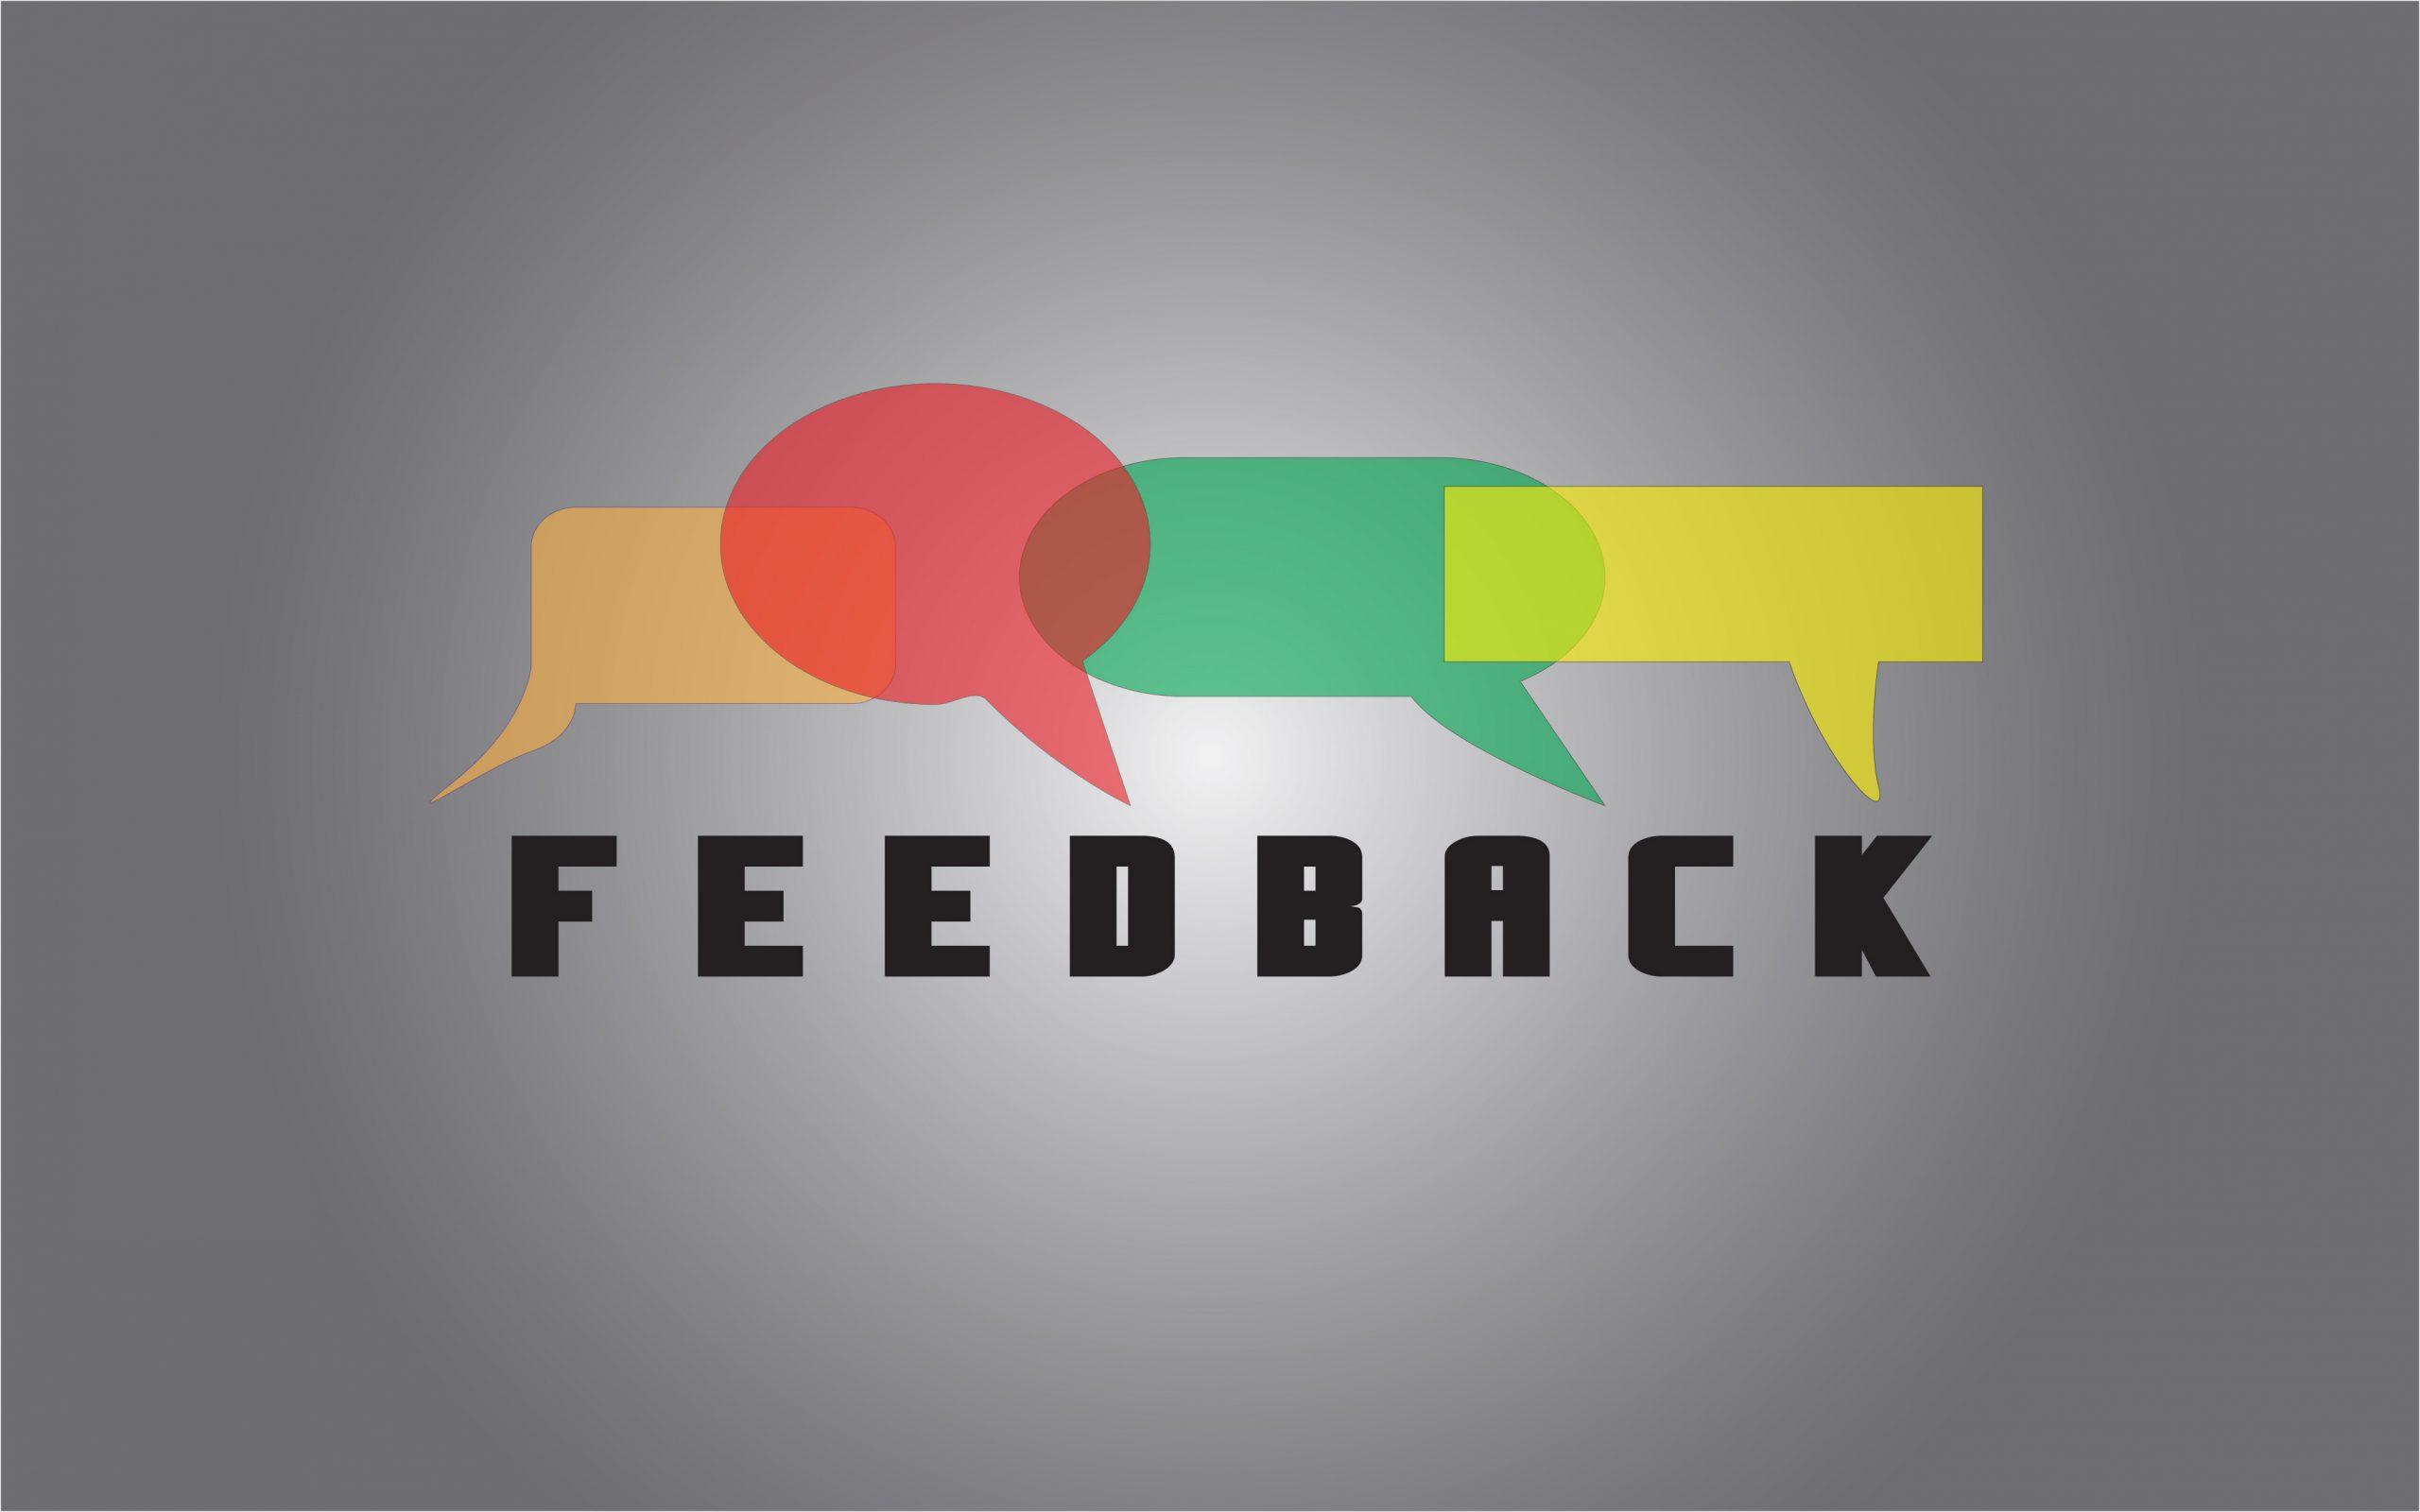 A feedback illustration